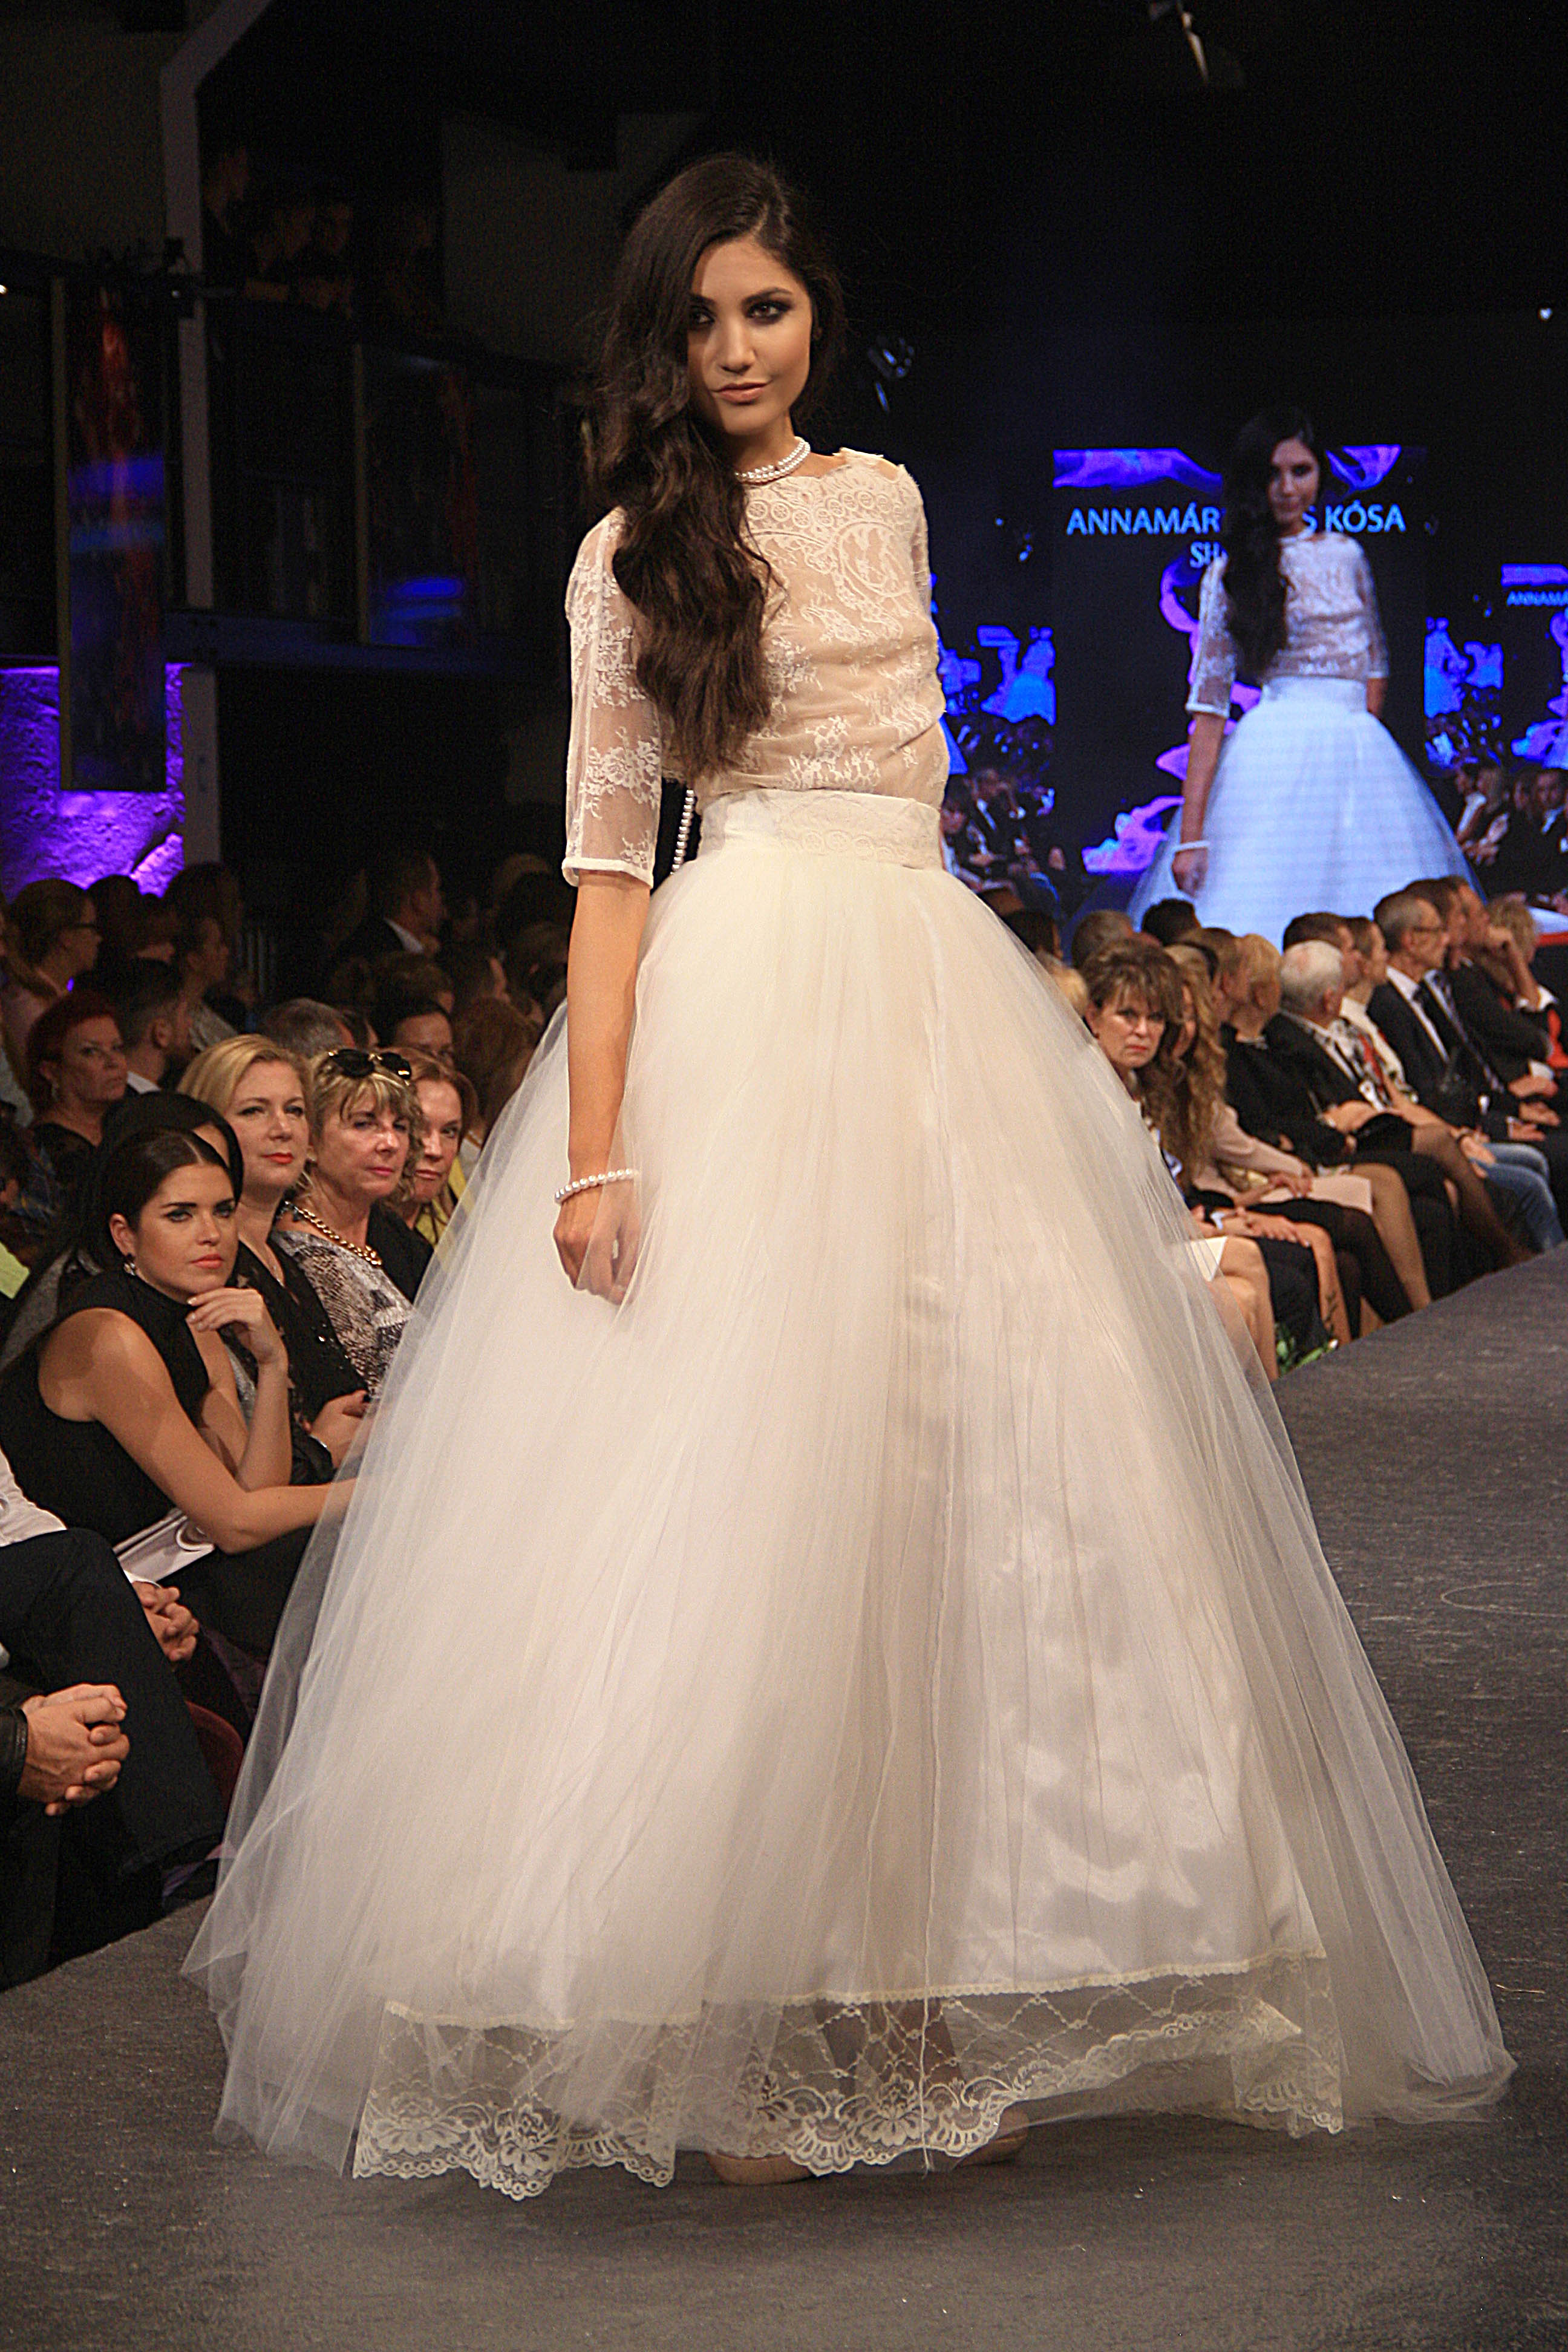 Annamária Kiss Kósa a jej kolekcia svadobných šiat